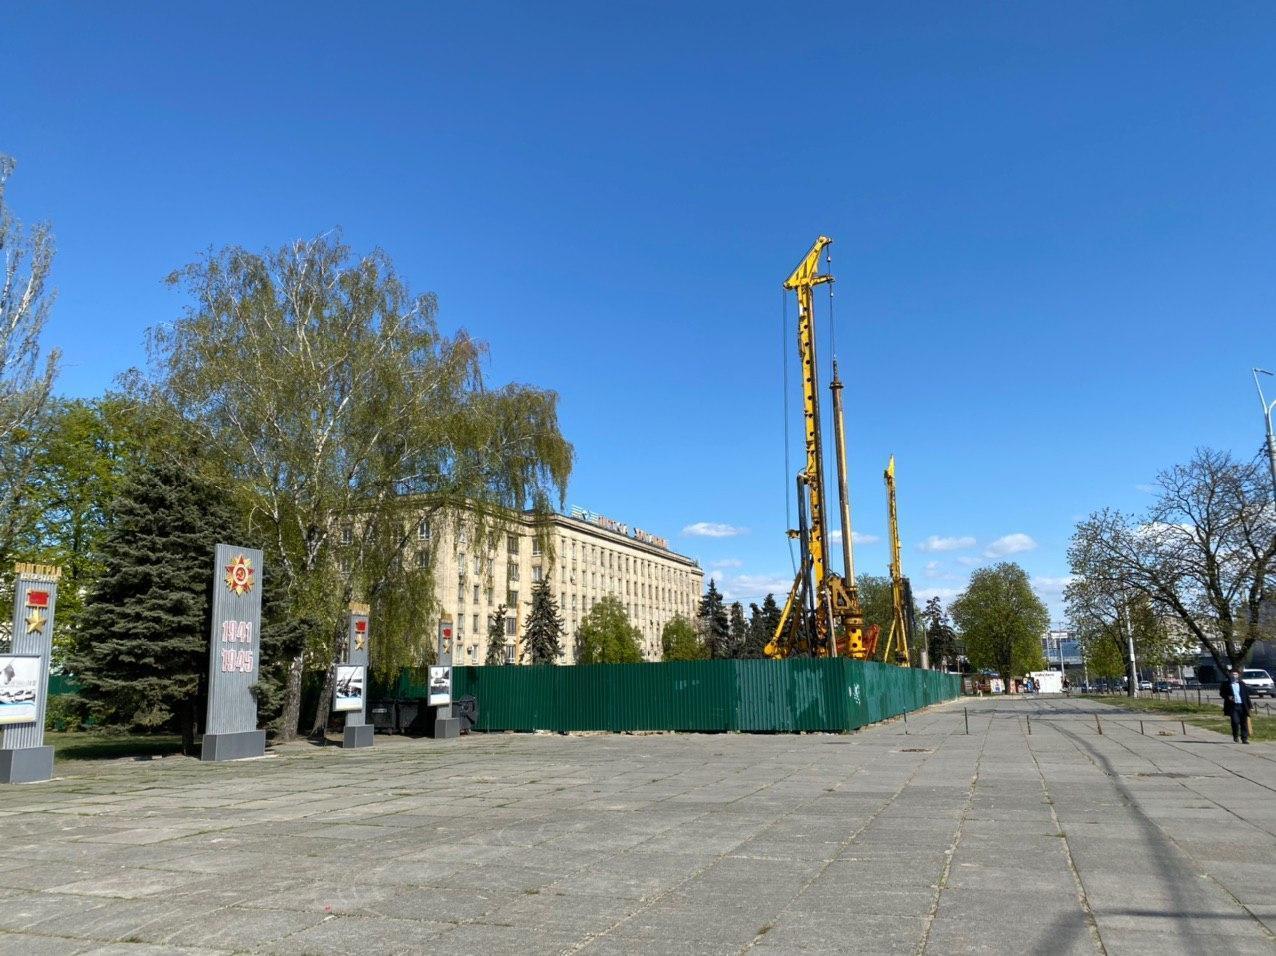 Строительная площадка на проспекте Победы, 50-а с января обнесена забором, за которым ведутся работы. Частично захвачена площадь